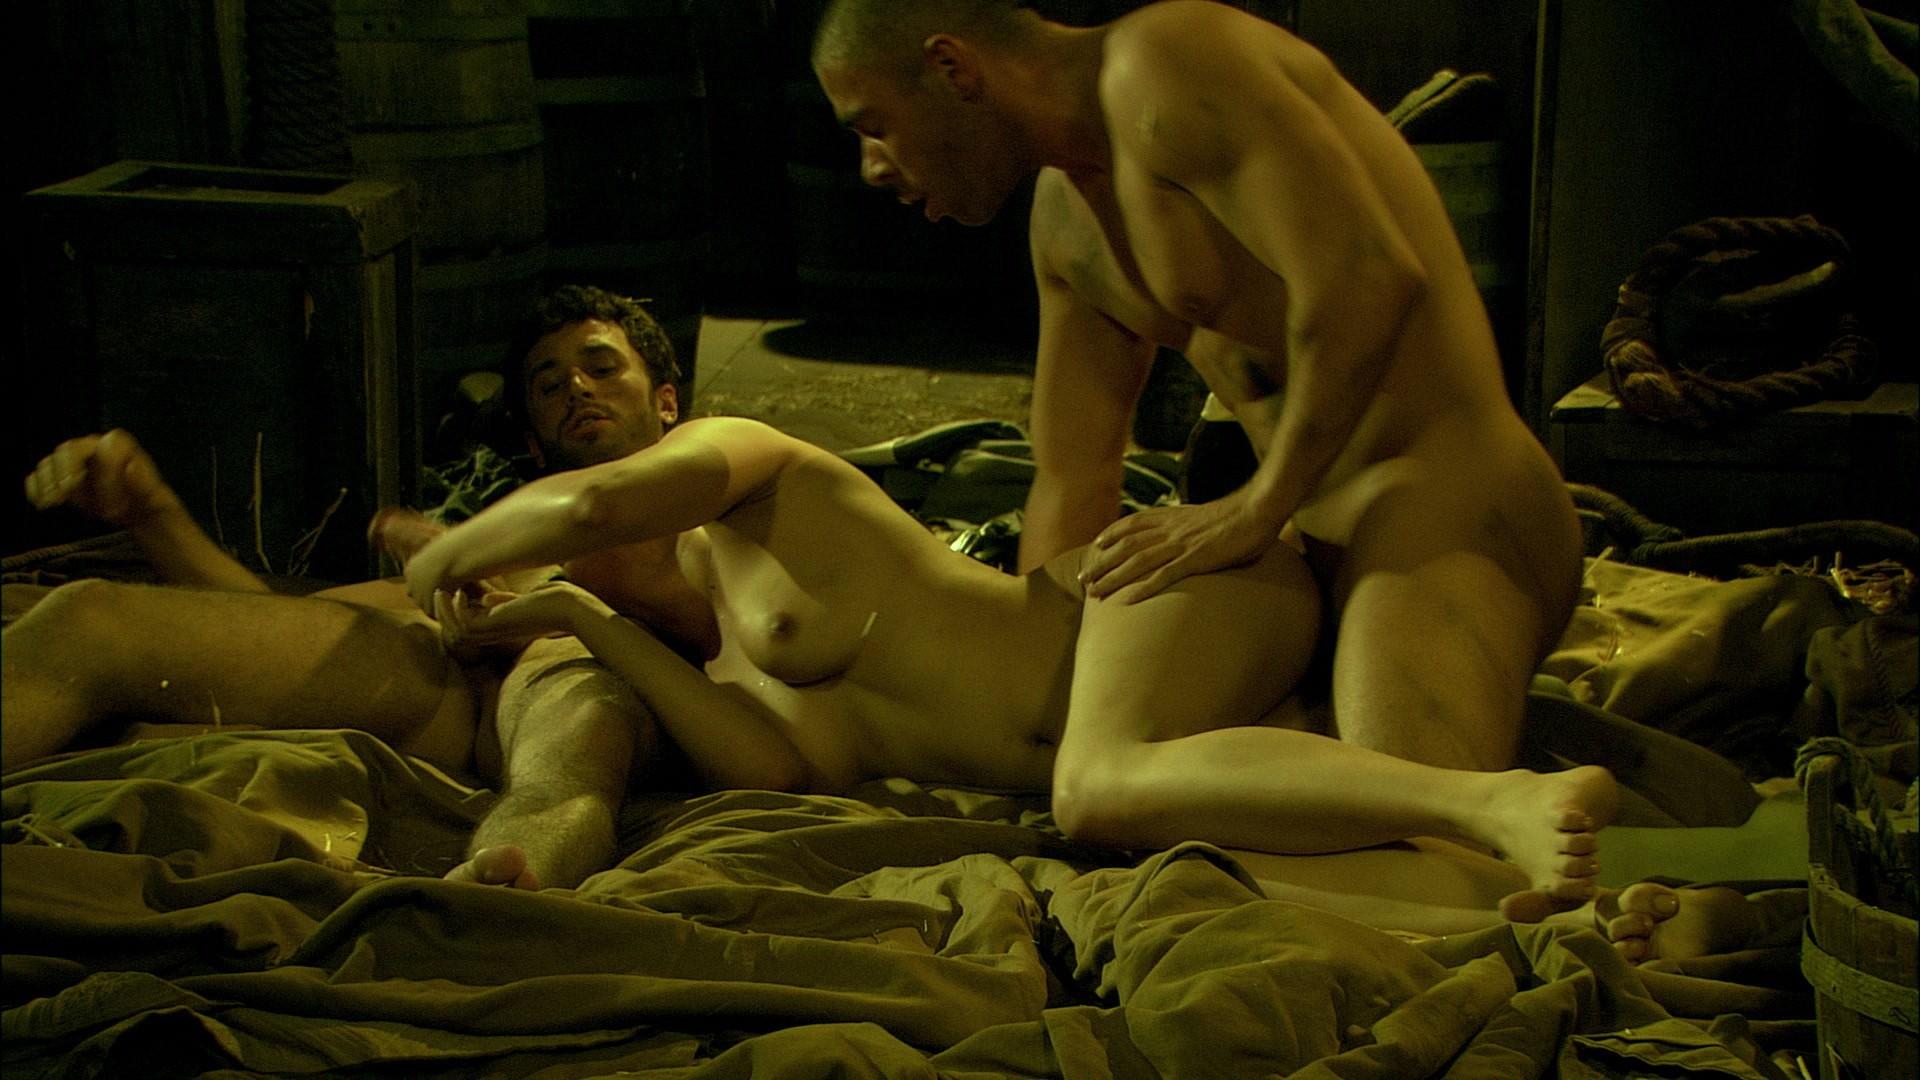 эротические фильмы с жанром порно - 8